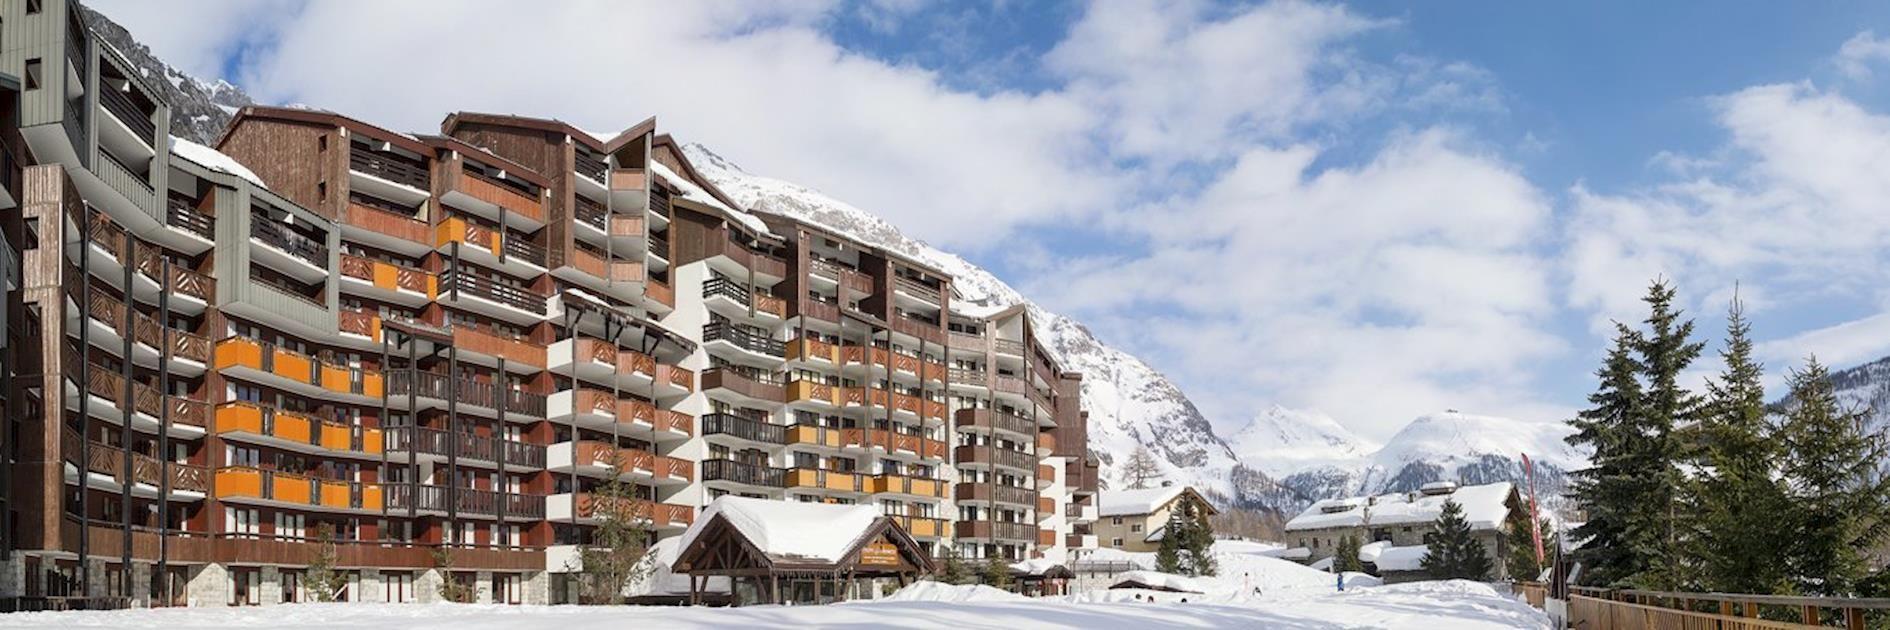 Val d'Isère - Résidence La Daille